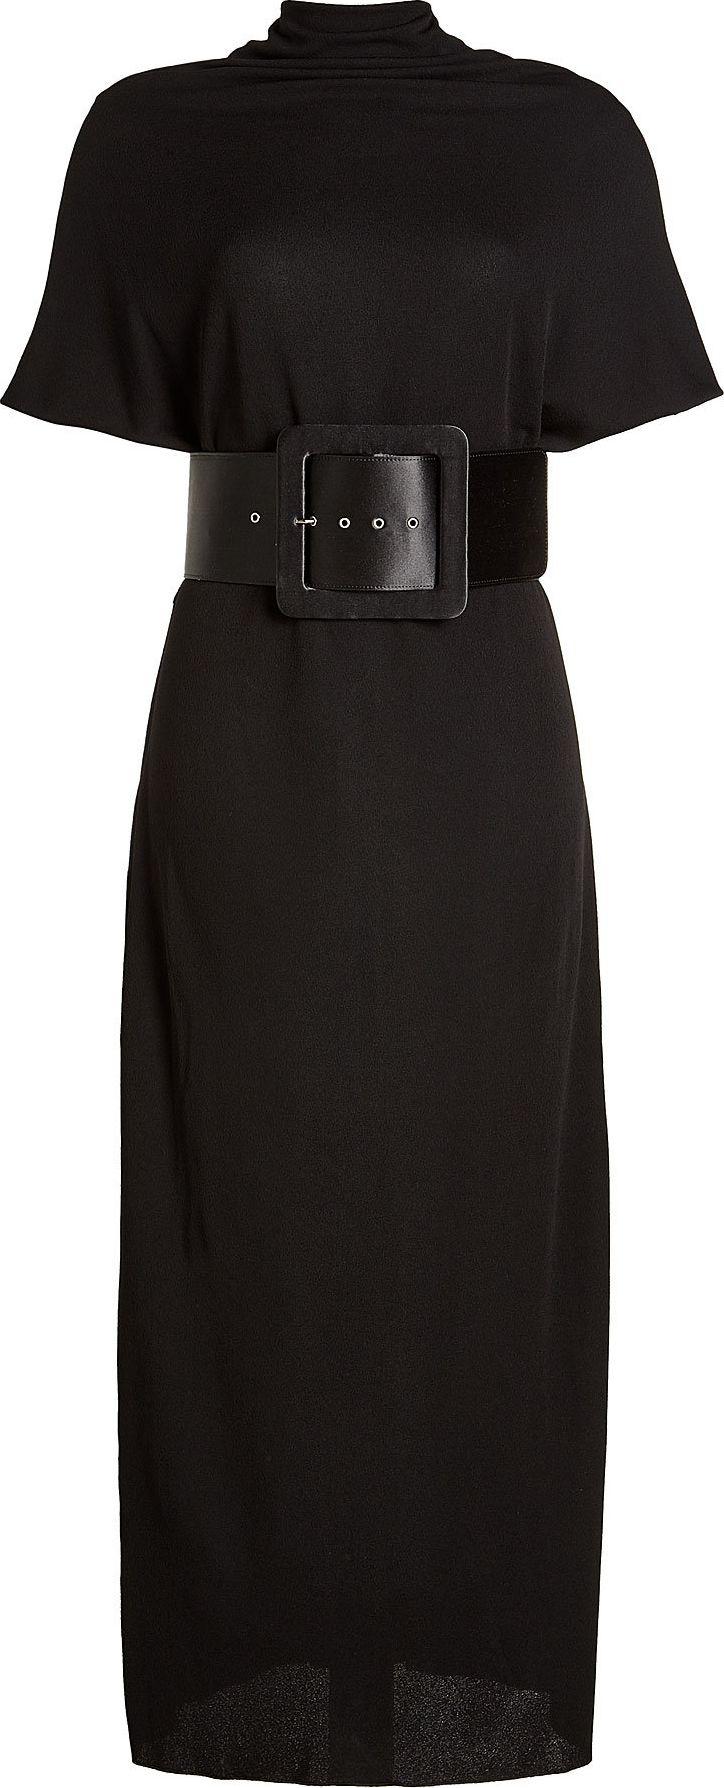 Maison Margiela - Dress with Belt